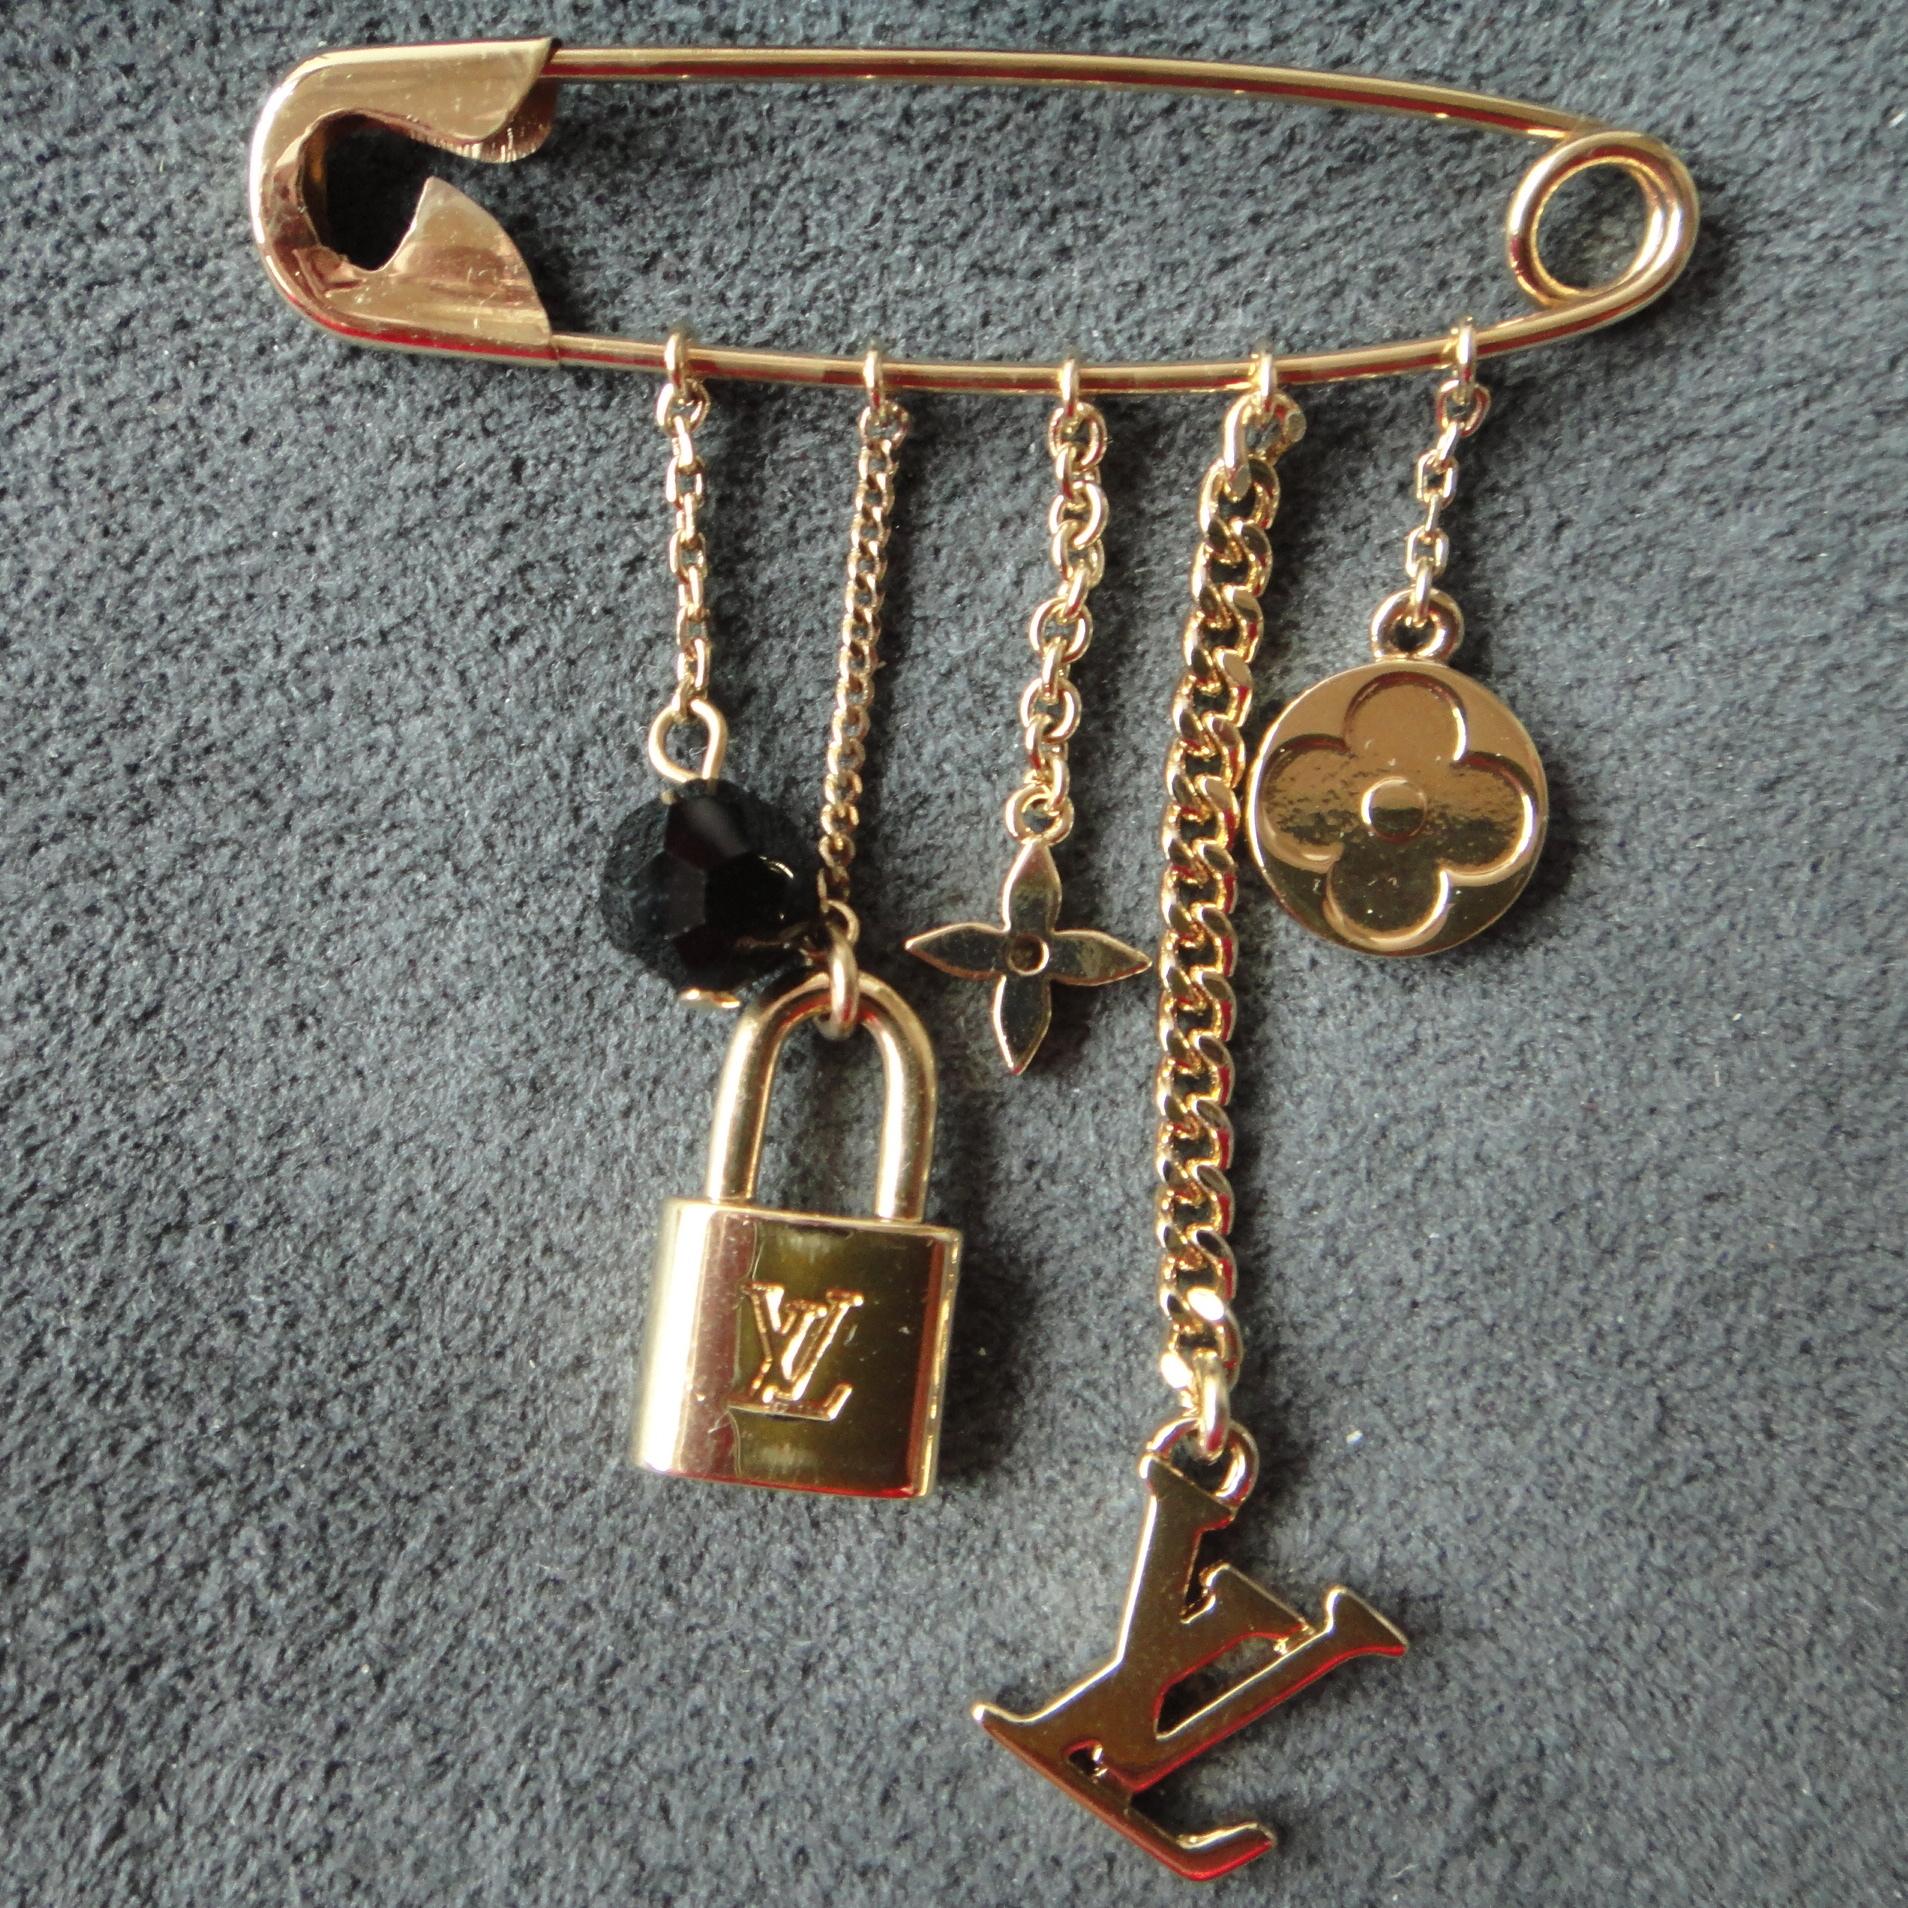 Broche Epingle a Nourri(ce) - brooch - Brosche